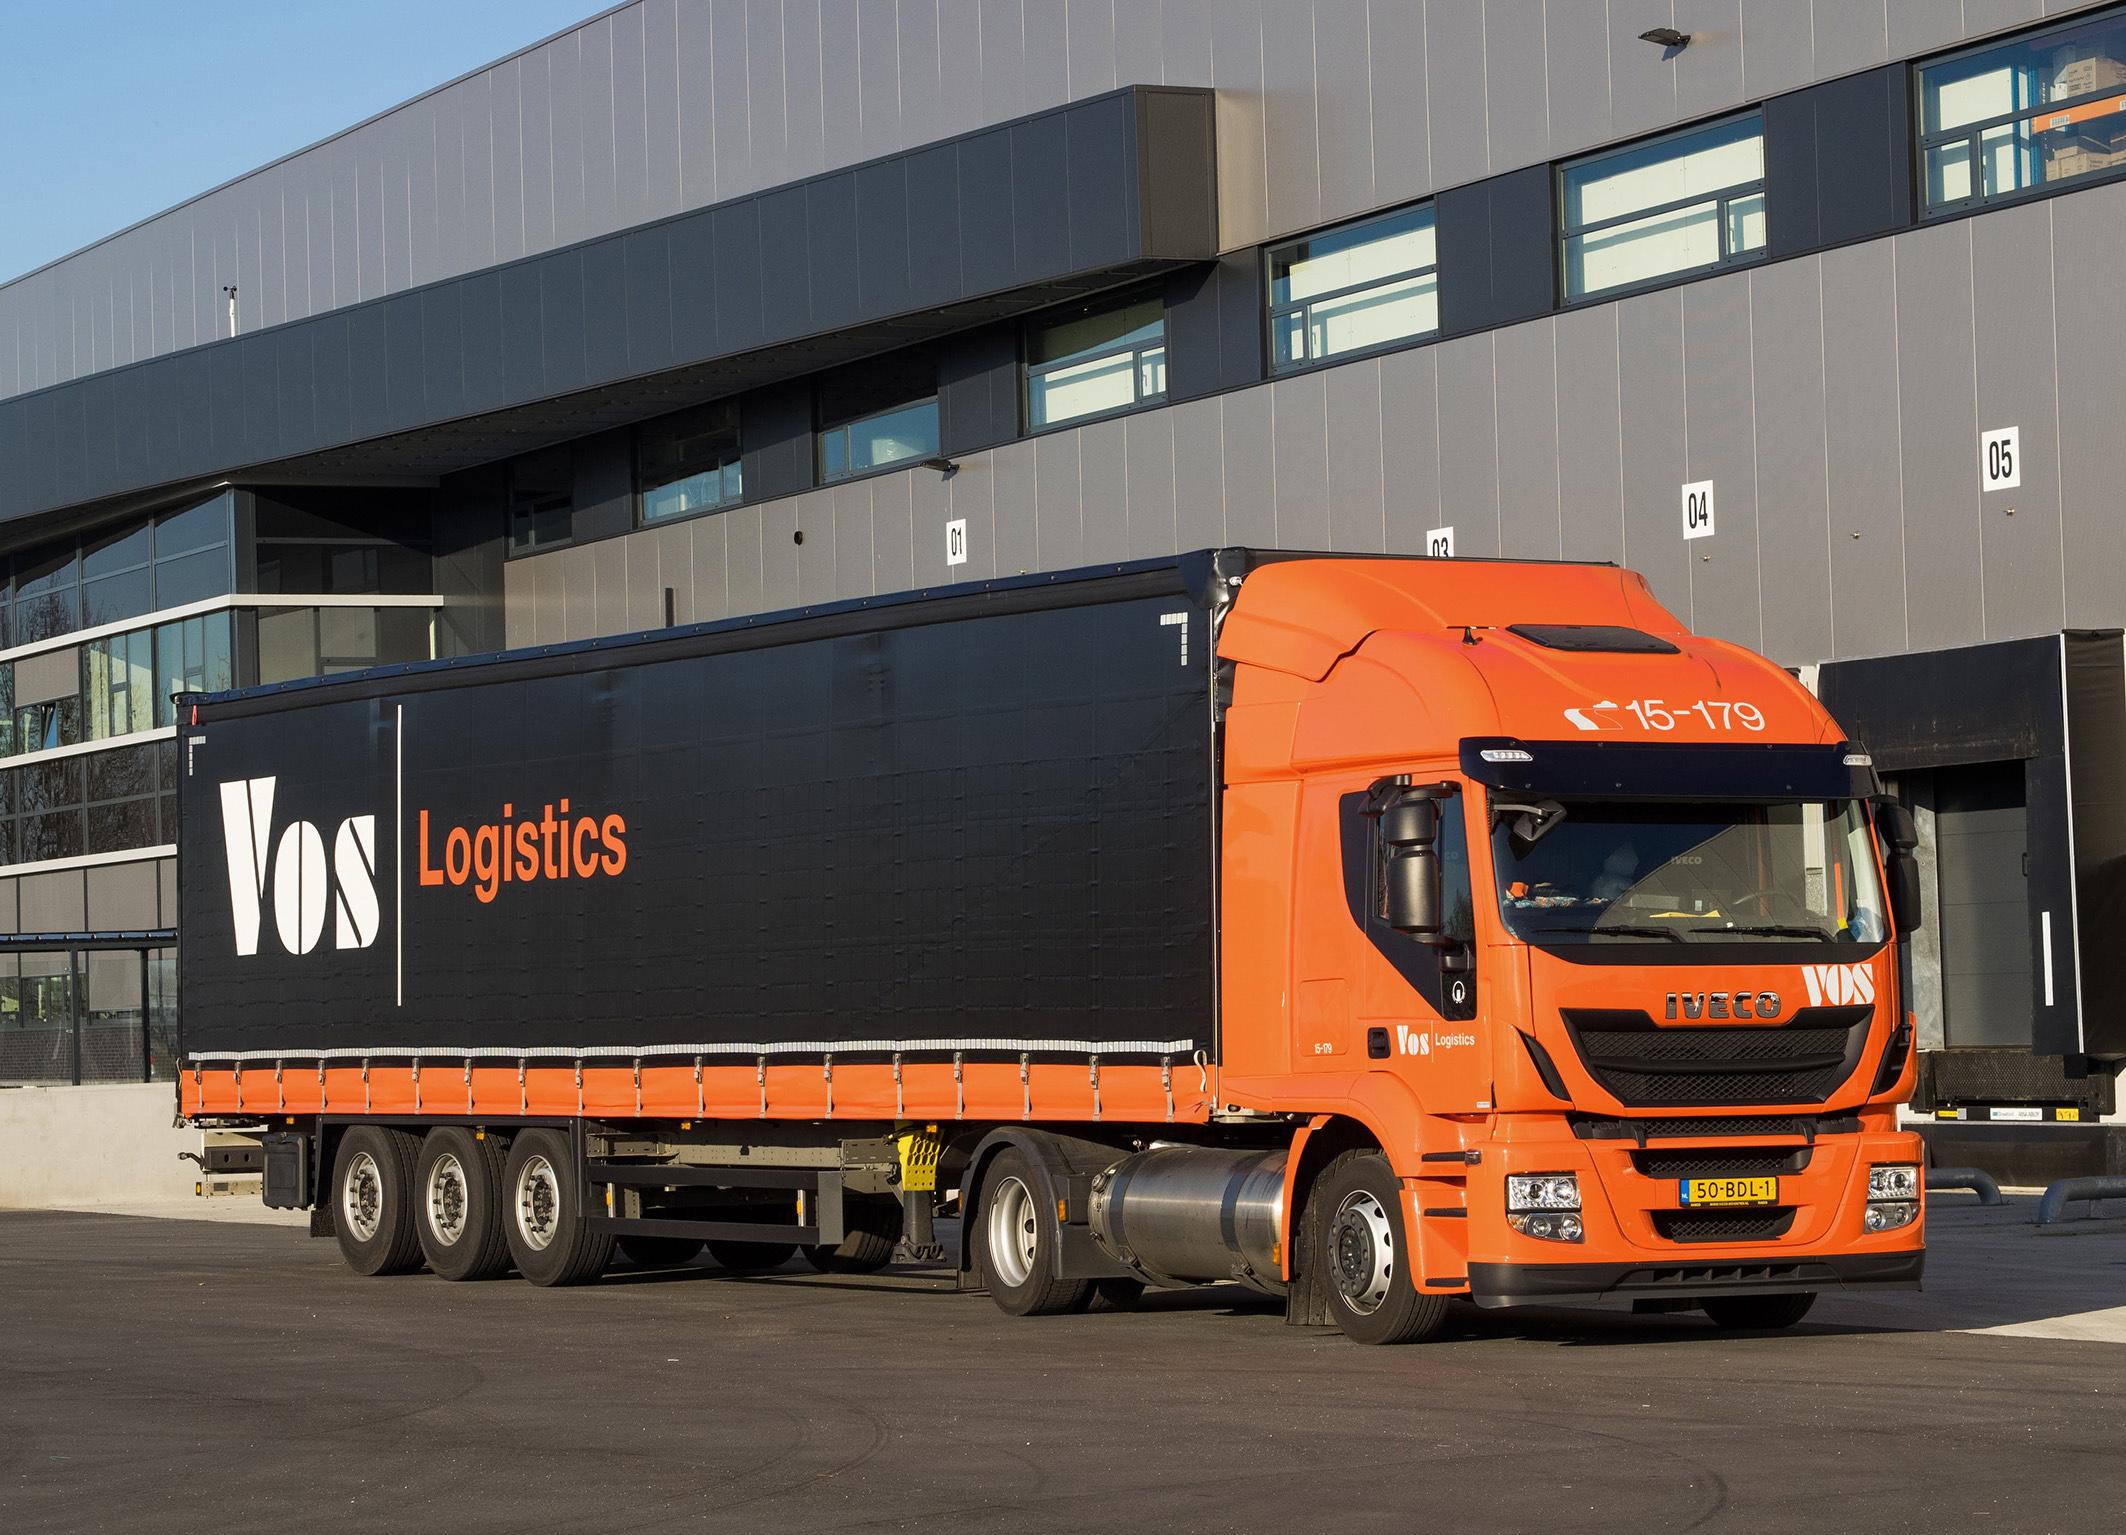 Überzeugt von Conti360° Solutions: Die niederländische Spedition Vos Logistics. (Bildquelle: Vos Logistics)